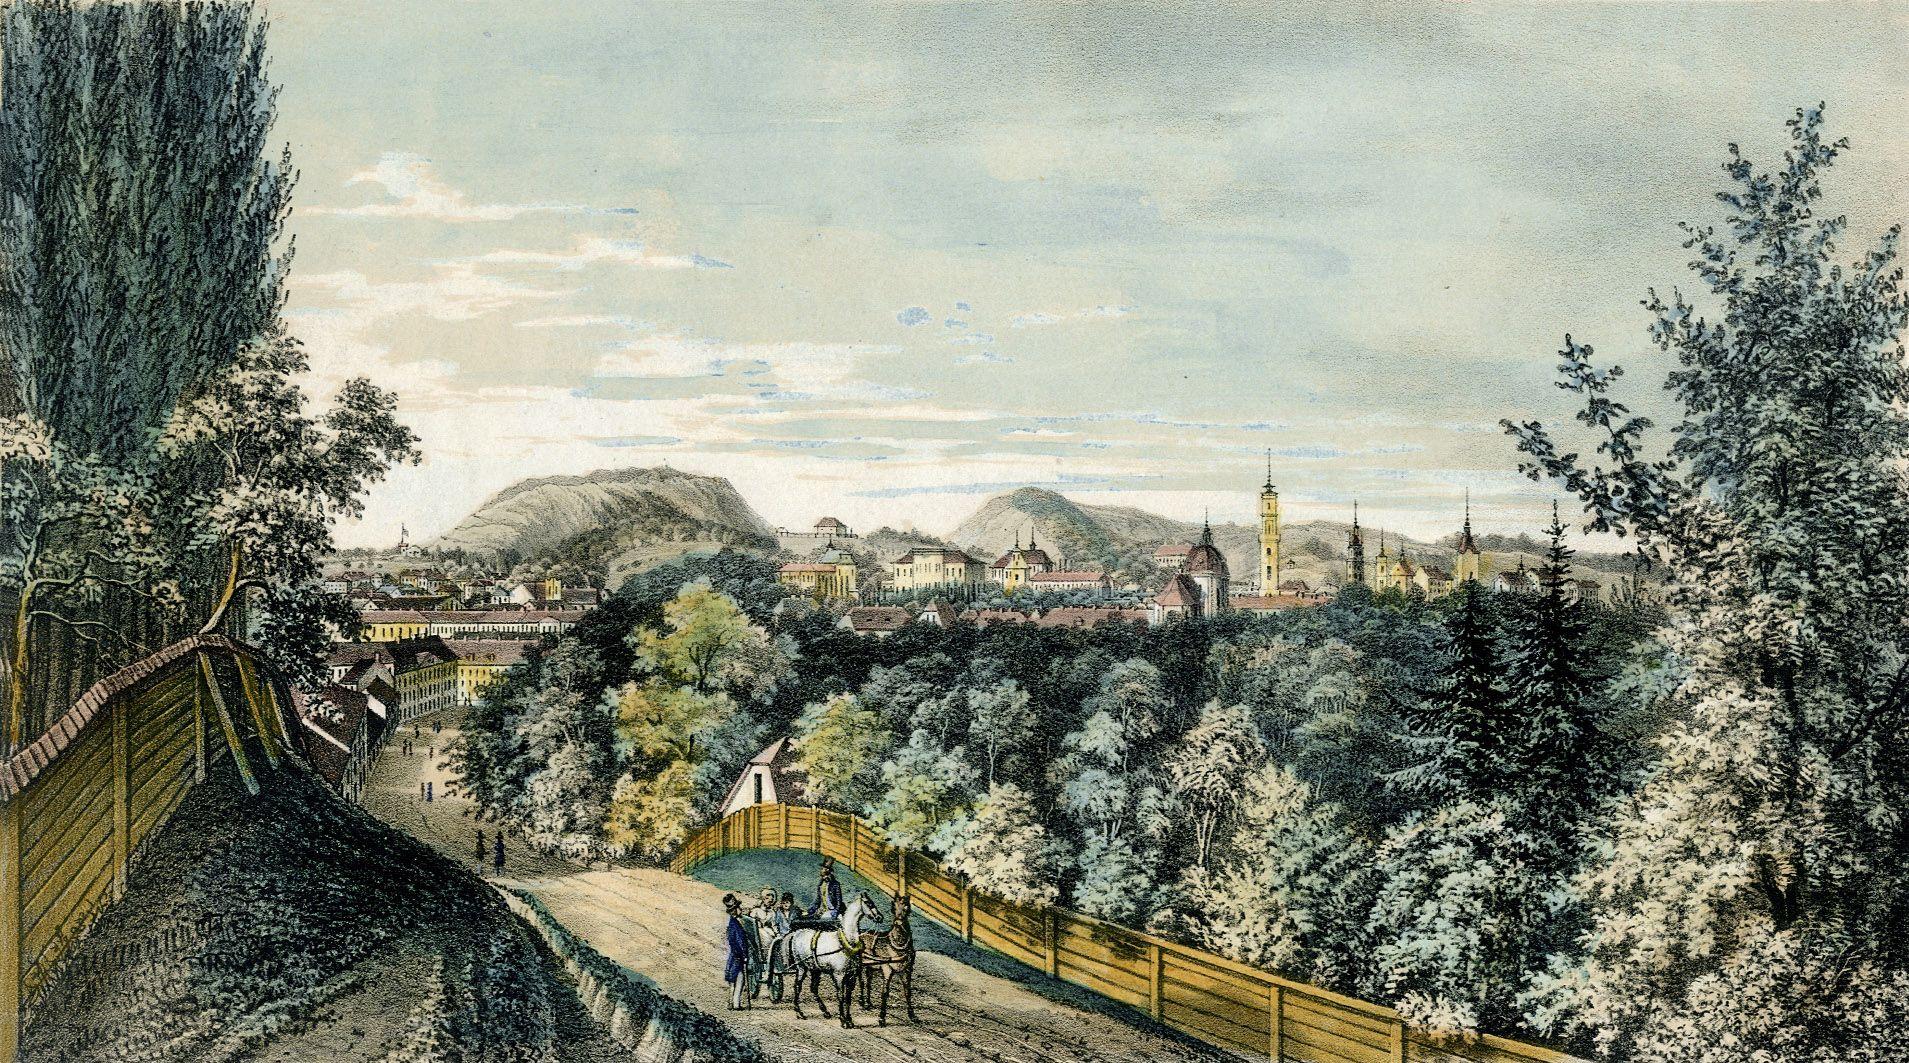 Мацей Боґуш Зиґмунт Стенчинський. Львів з під св.Юра, 1852; літографія